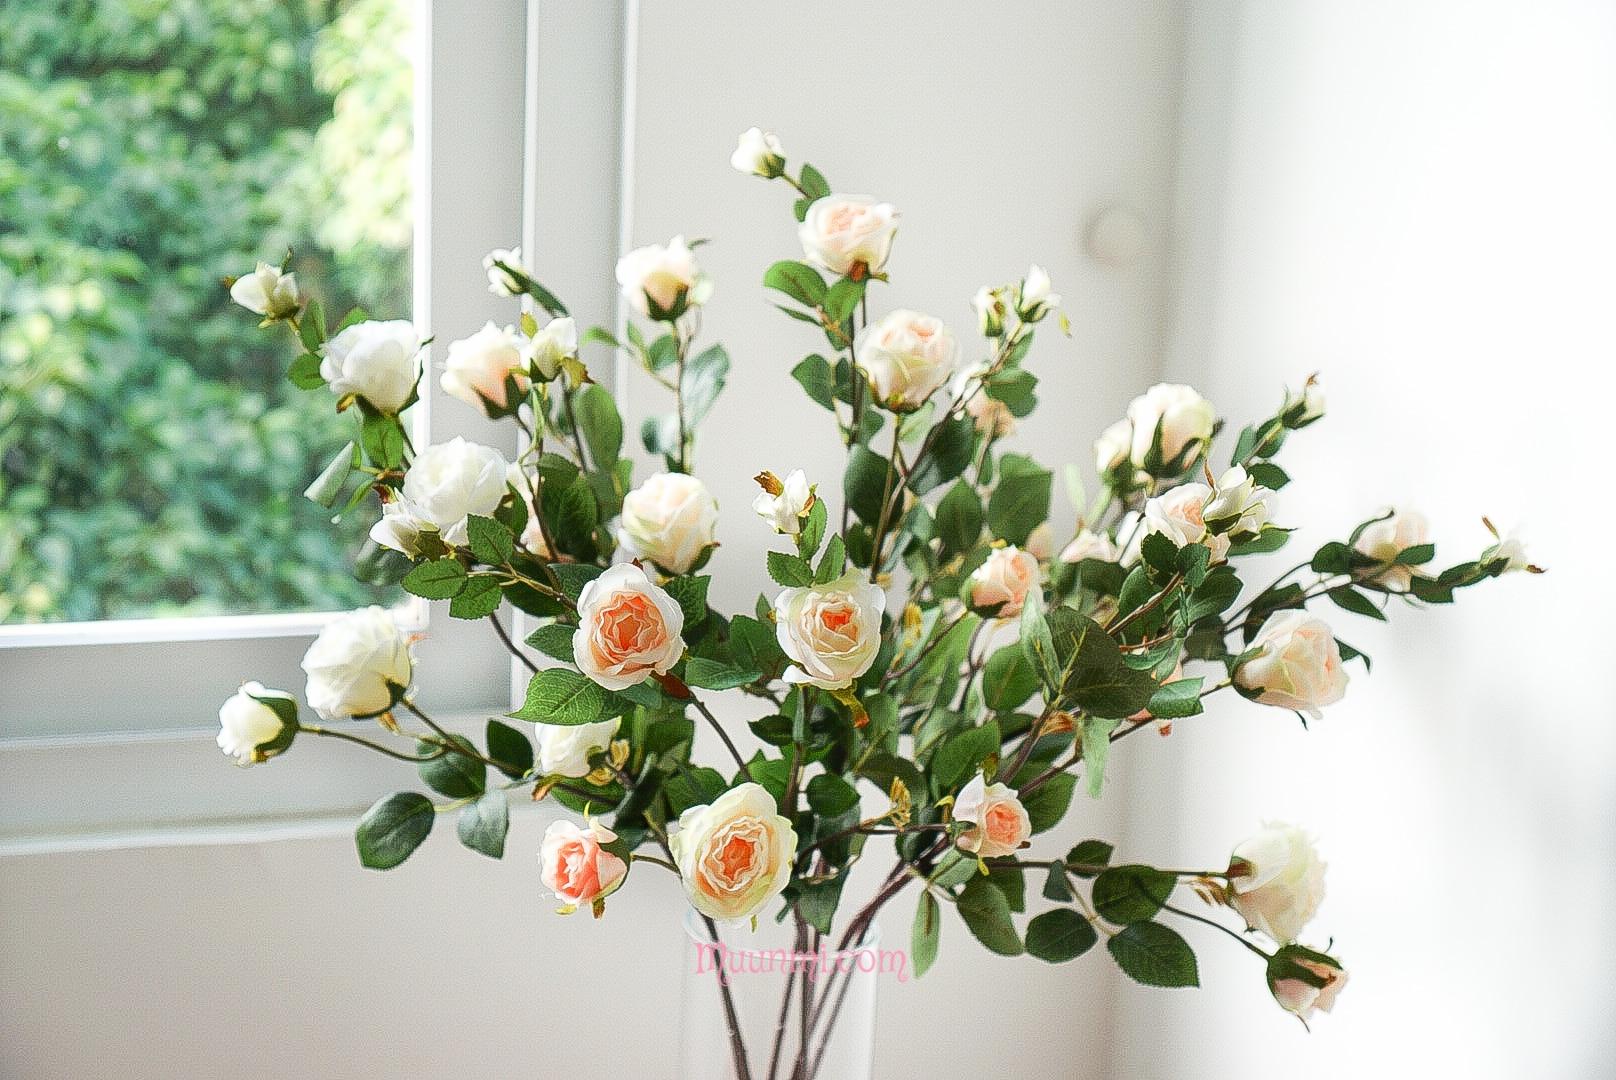 Cắm bình hoa giả đẹp lung linh với chỉ 7 mẹo đơn giản sau - Hoa lụa MUUNMI - For Beautiful Hearts